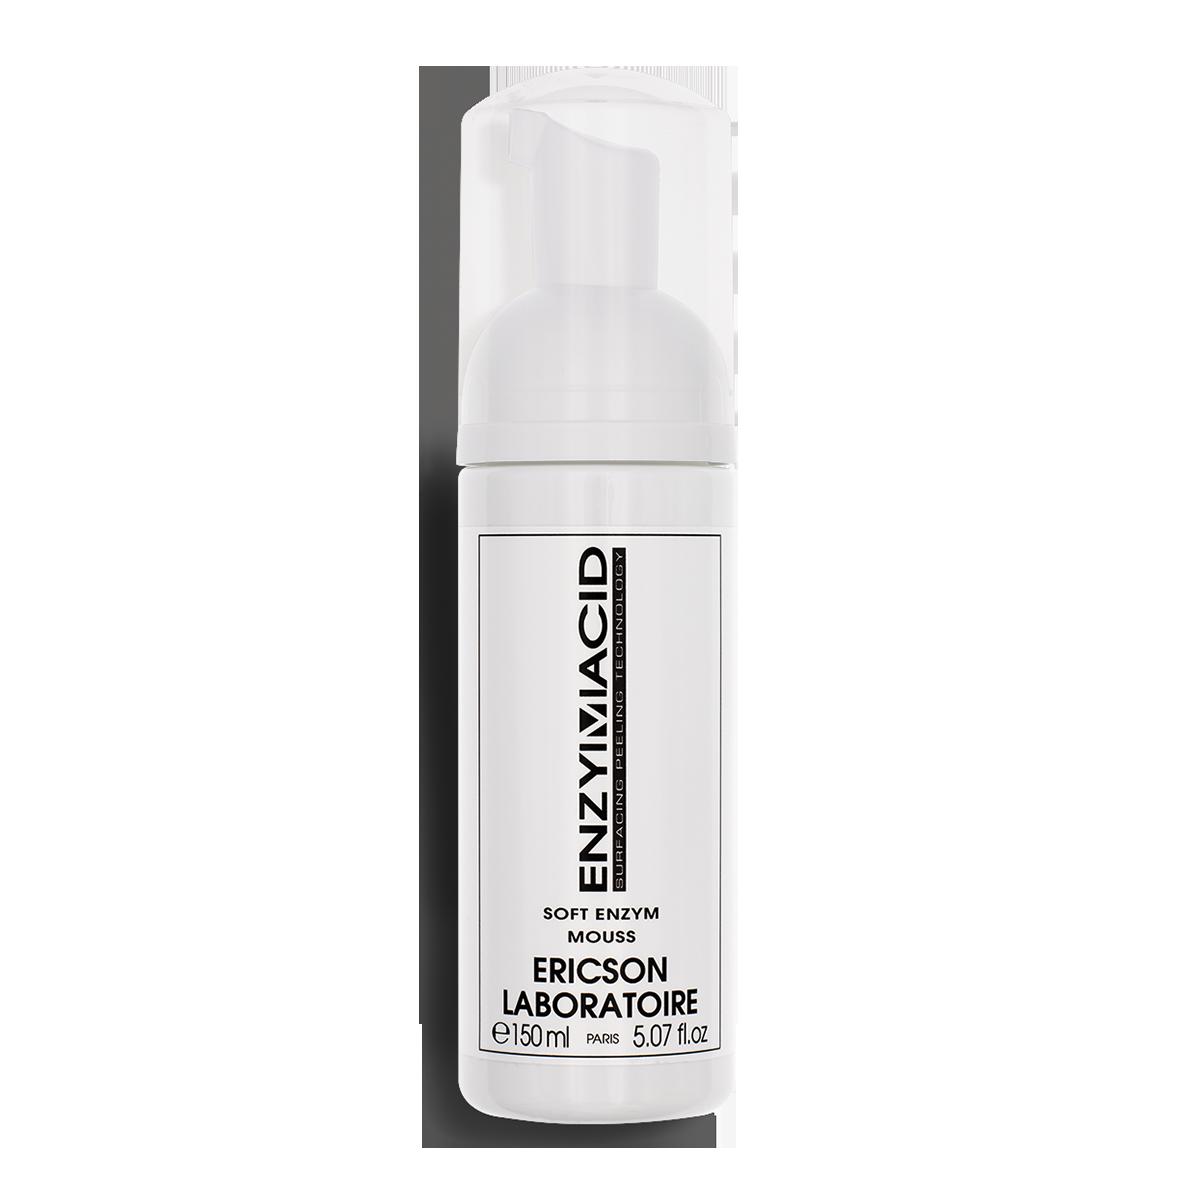 ENZYMACID E909 - Bọt rửa mặt tái tạo da Soft Enzyme Mousse